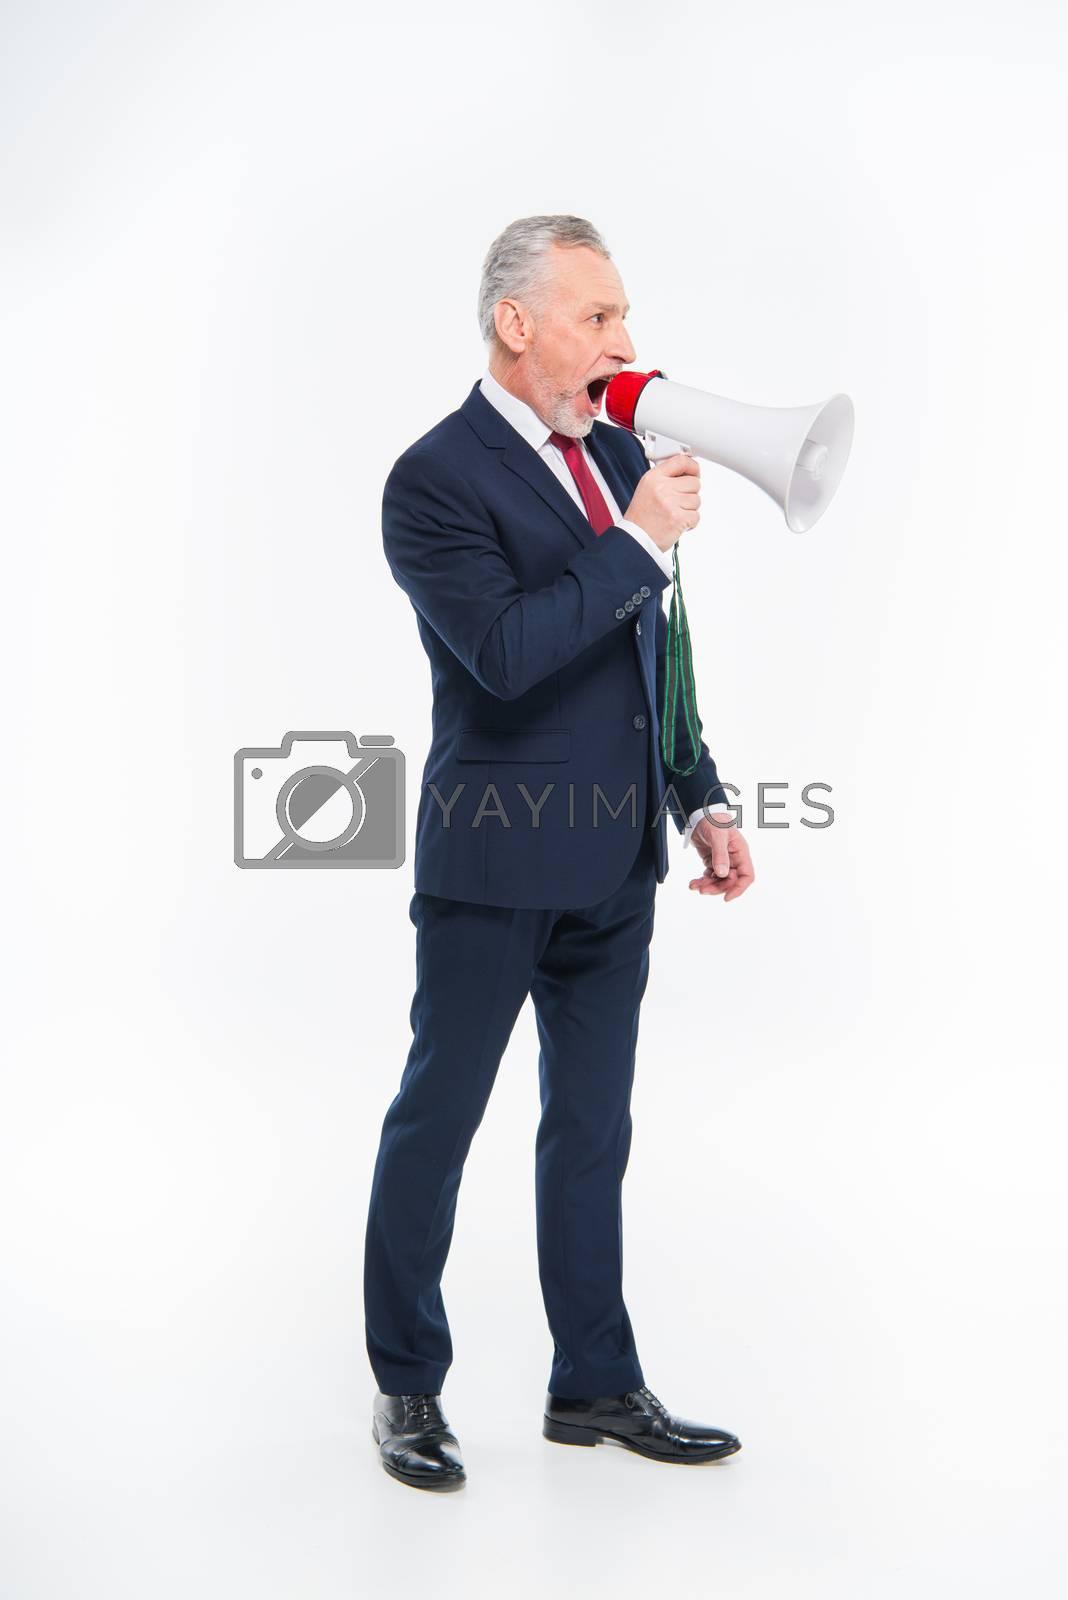 Royalty free image of Businessman shouting in loudspeaker  by LightFieldStudios